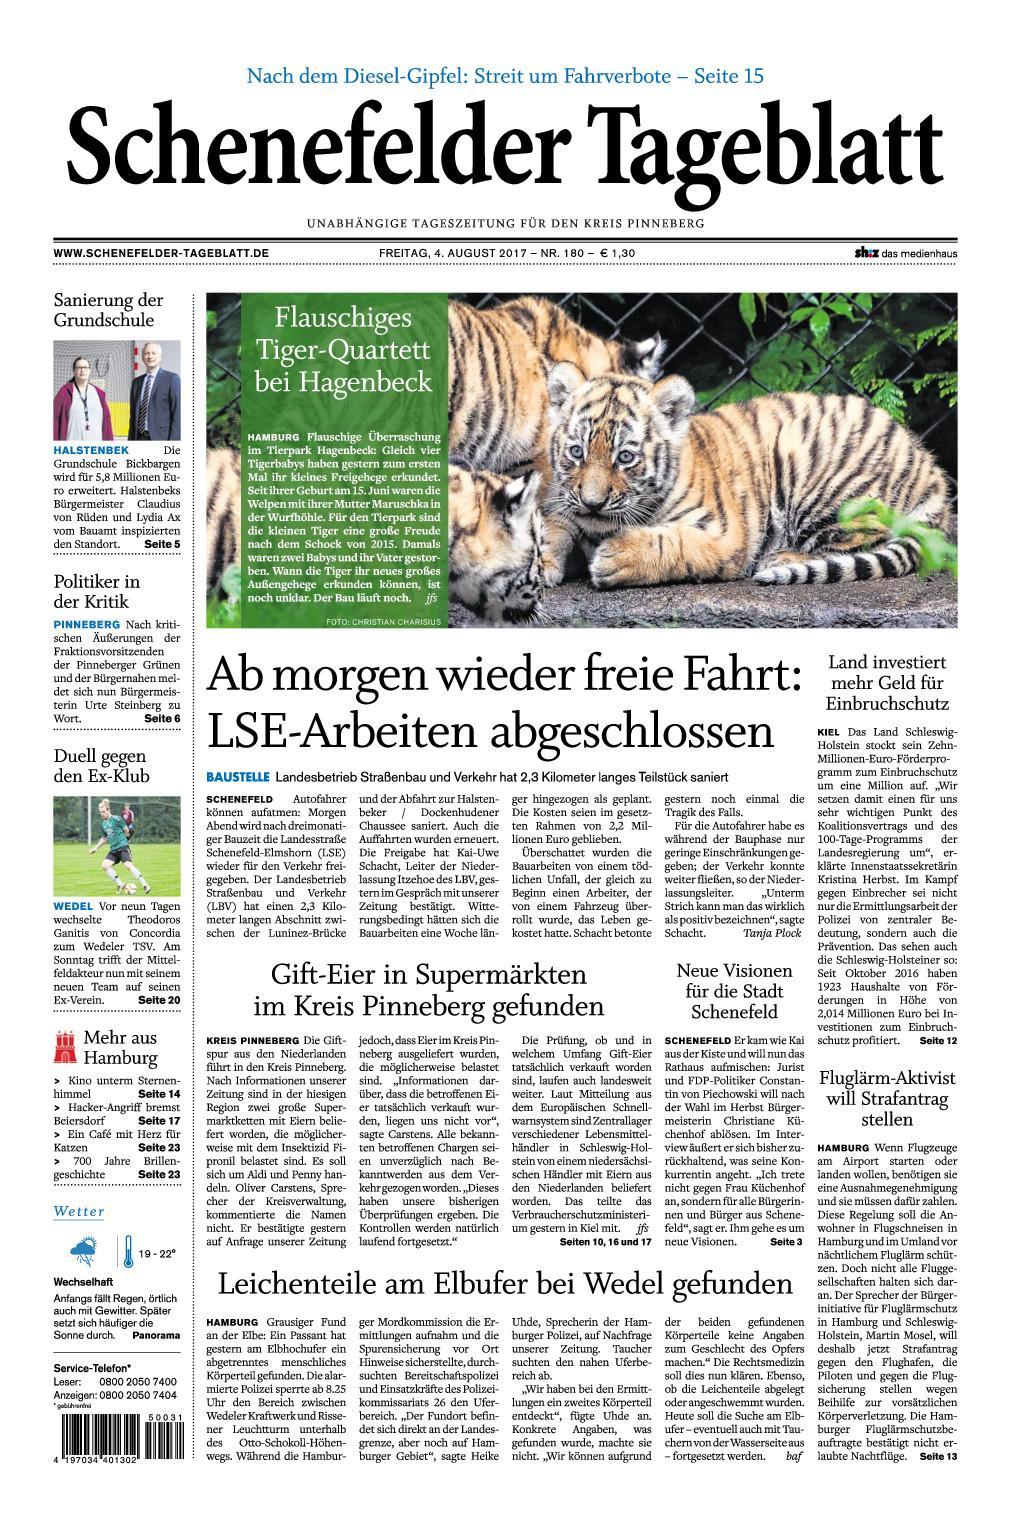 Schenefelder Tageblatt 04 August 2017